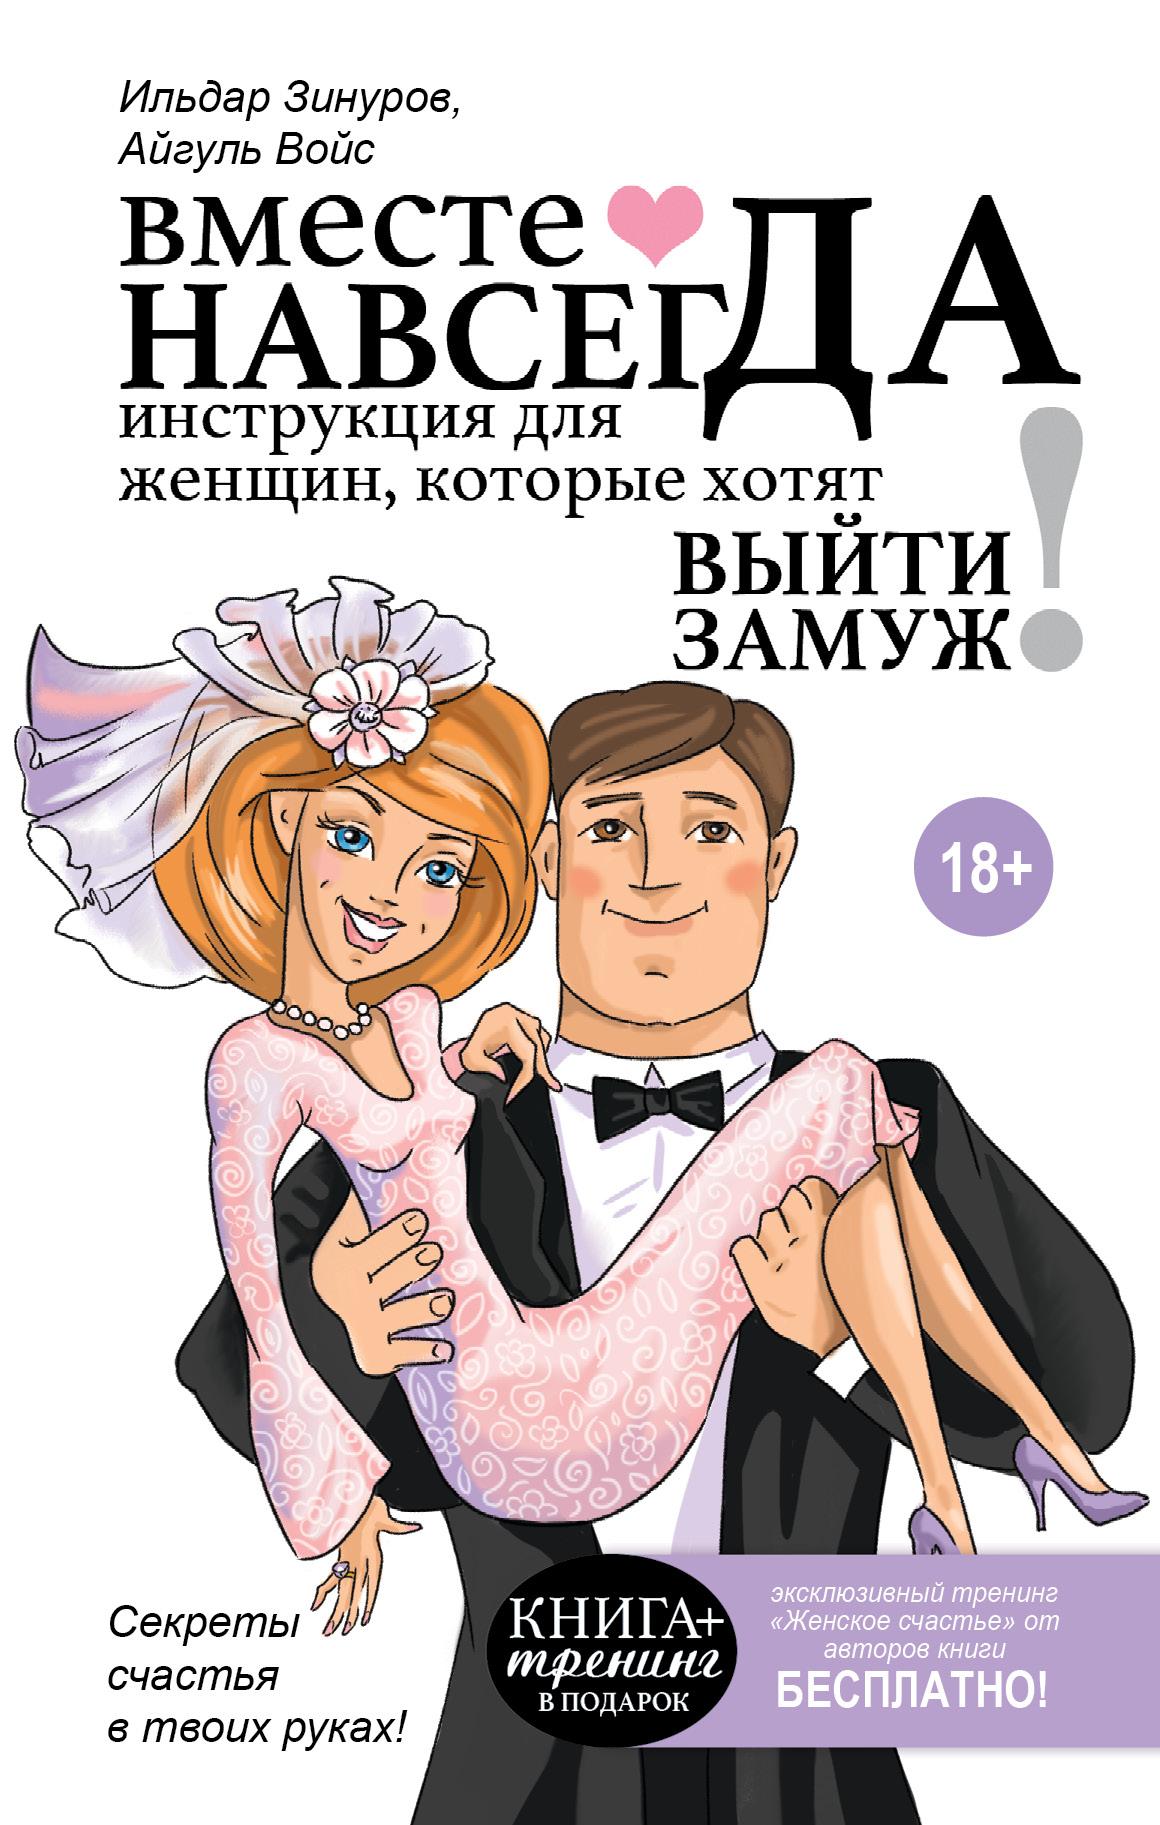 Ильдар Зинуров, Айгуль Зинурова Вместе навсегда. Инструкция для женщин, которые хотят выйти замуж алиса майер как найти подходящего мужчину ивыйти замуж как найти подходящего партнерадляжизни